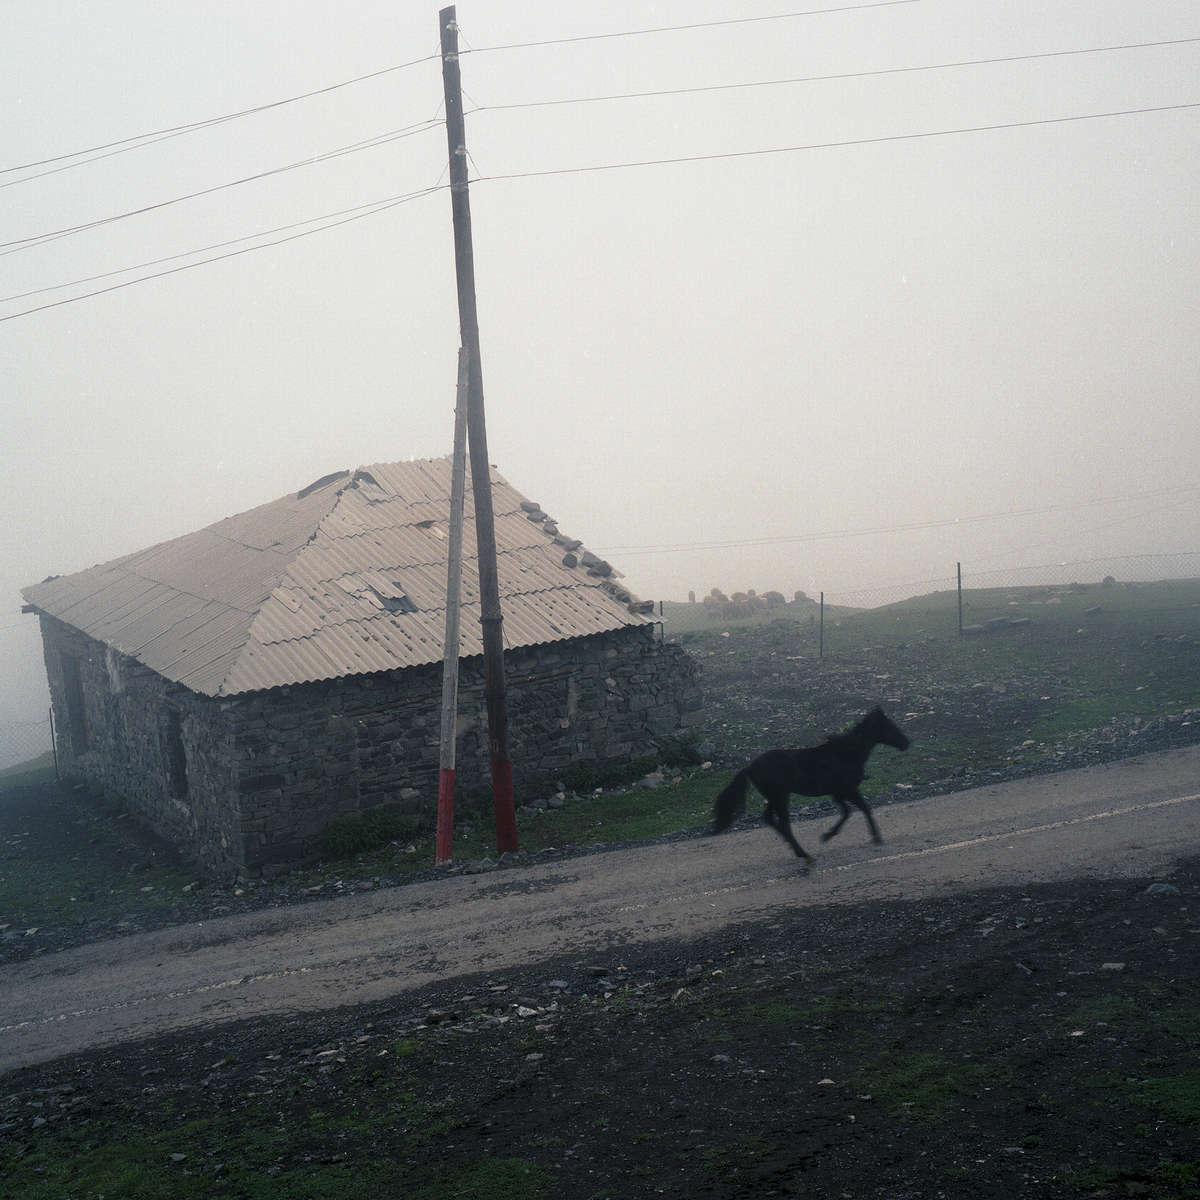 Xinalic, Azerbaijan